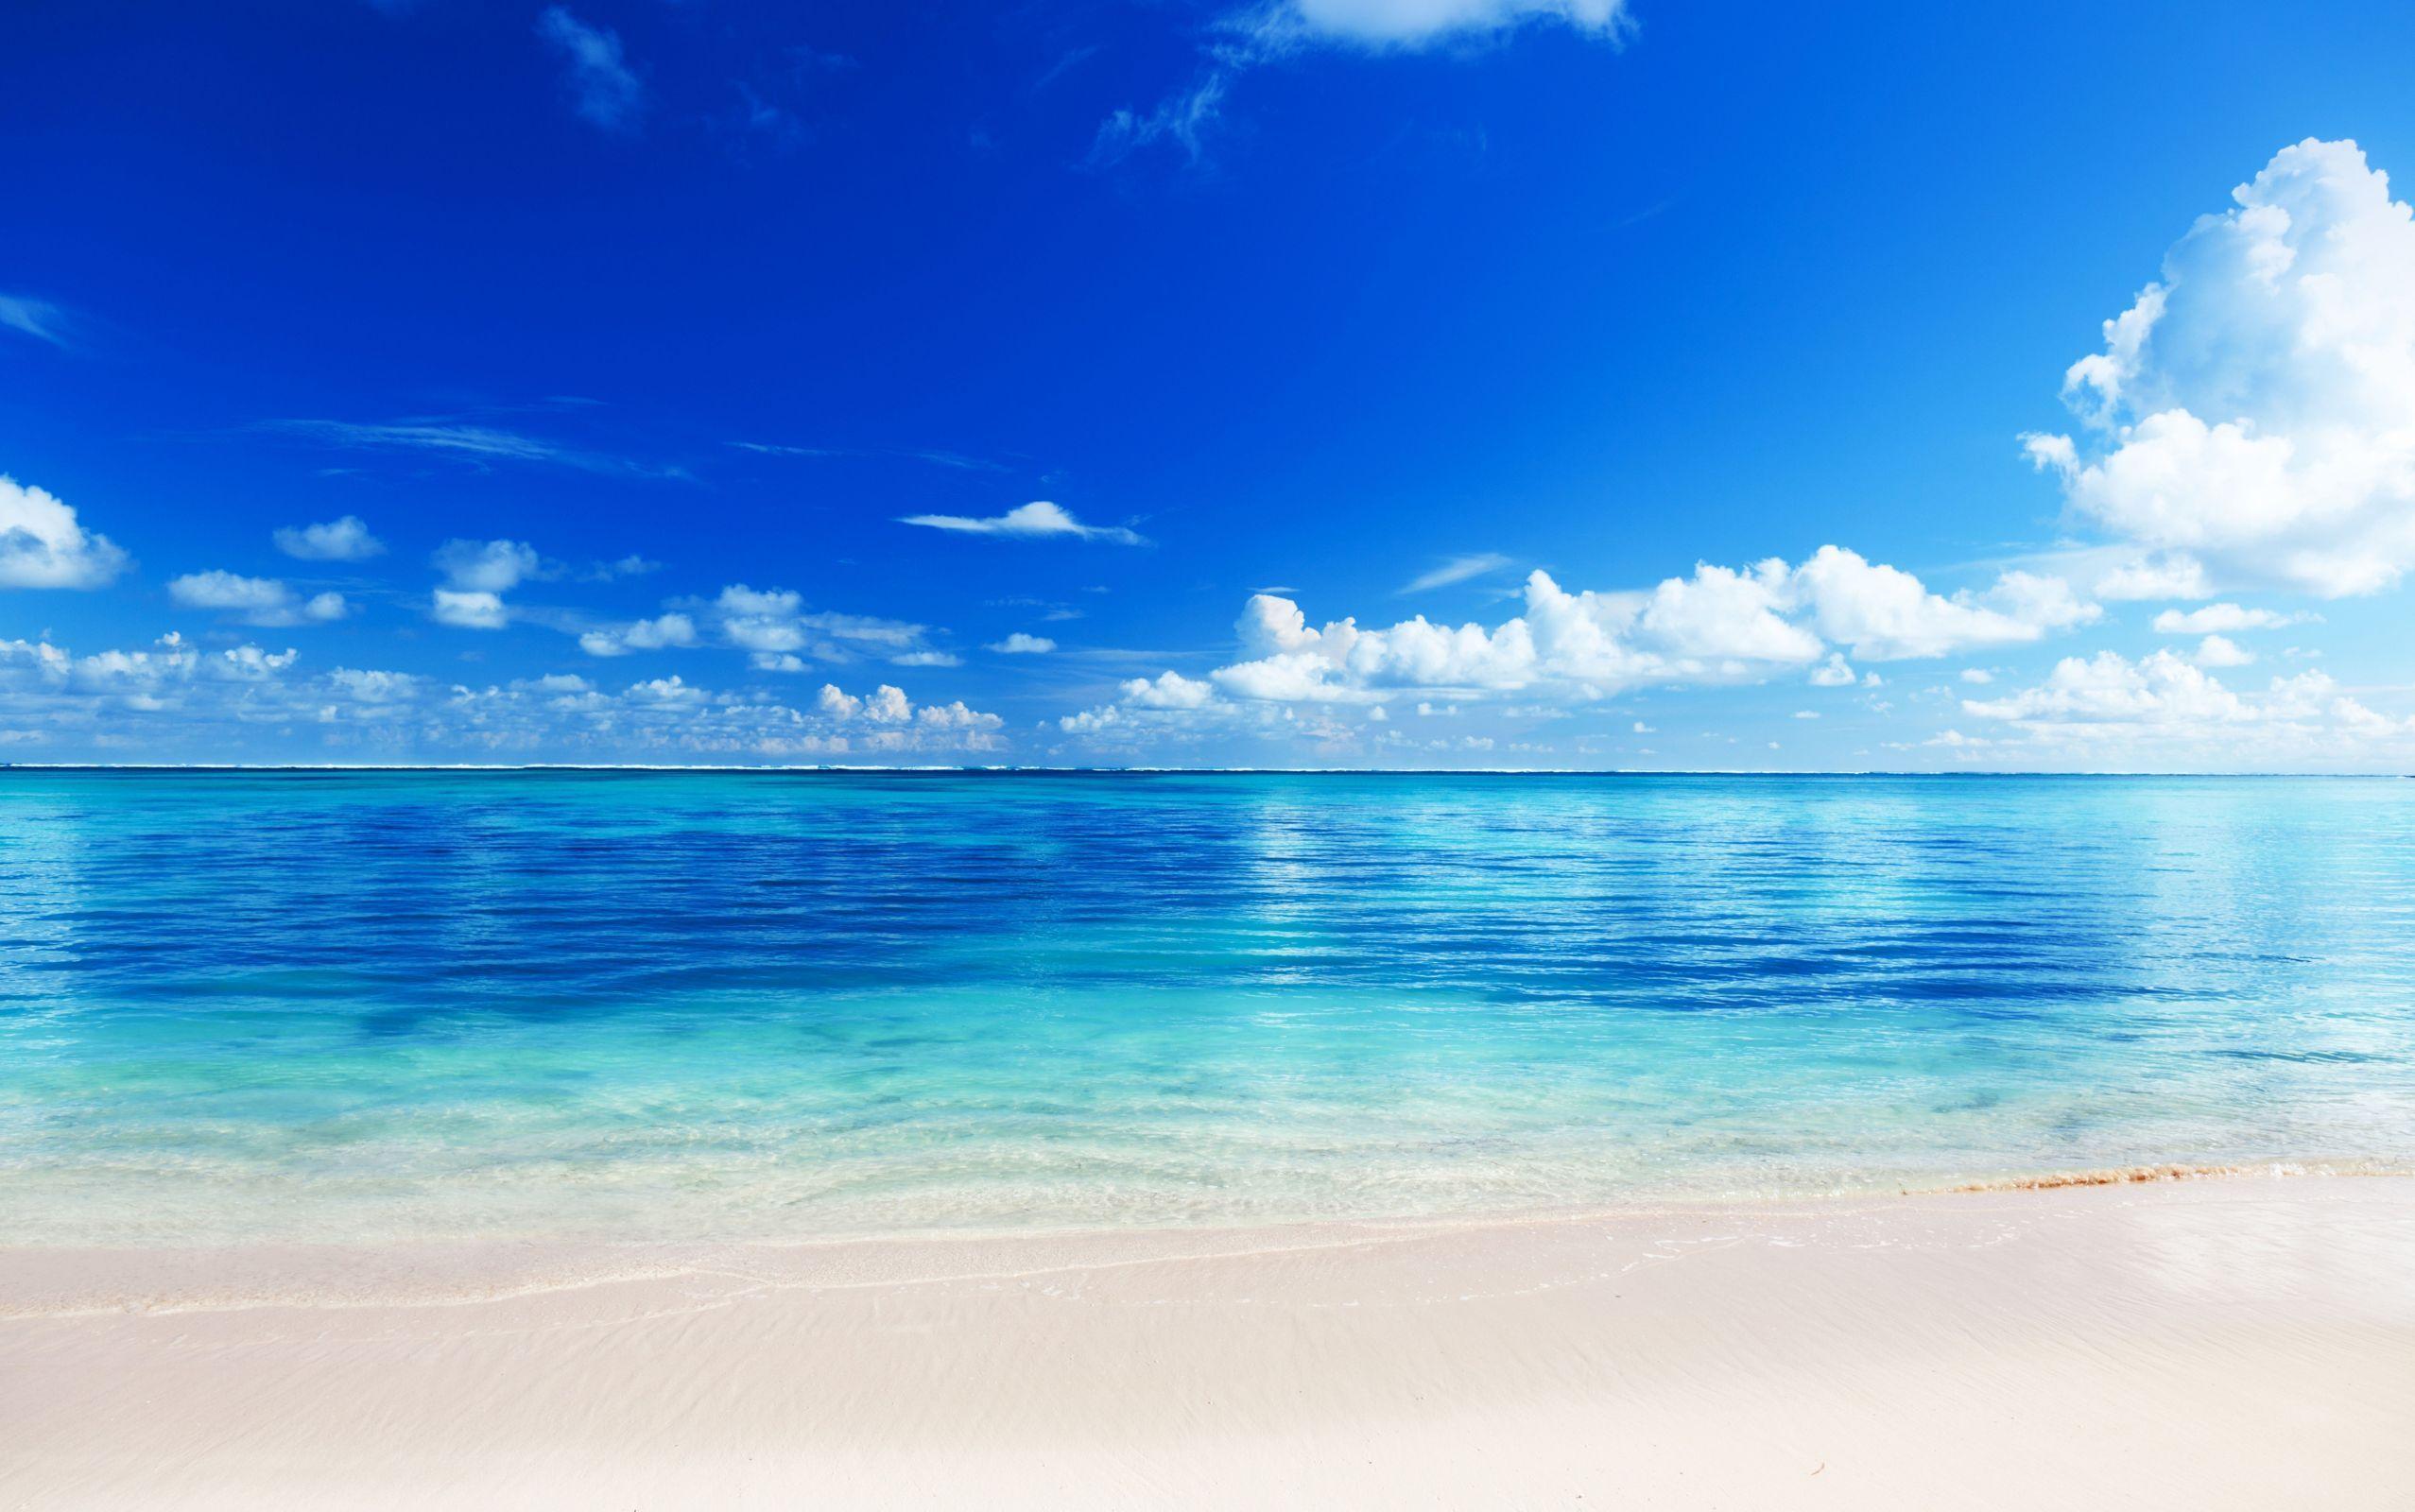 beach wallpapers Desktop Backgrounds for HD Wallpaper wall 2555x1600